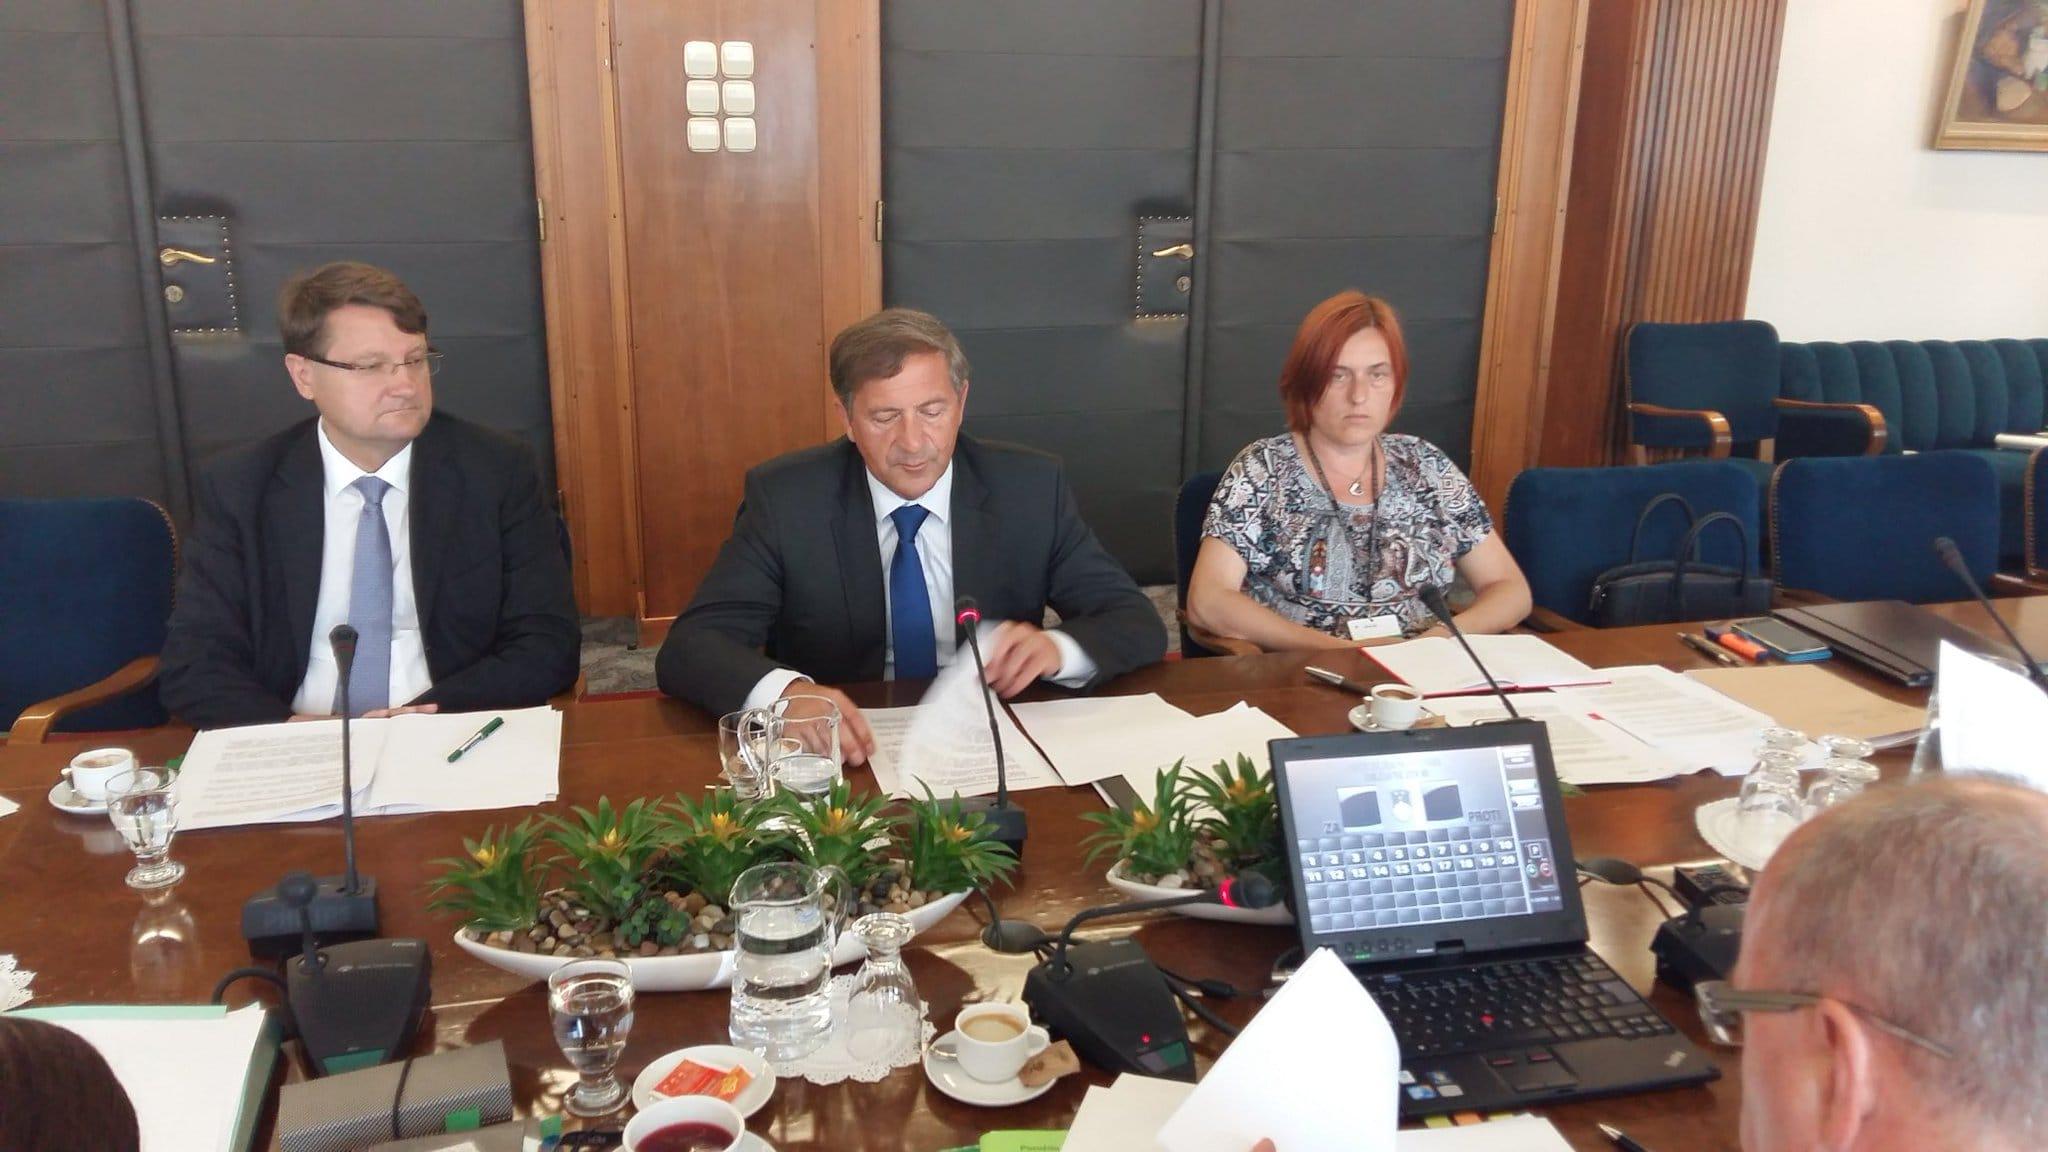 Minister Erjavec na Odboru za zunanjo politiko poudaril pomen razvojnega sodelovanja in humanitarne pomoči